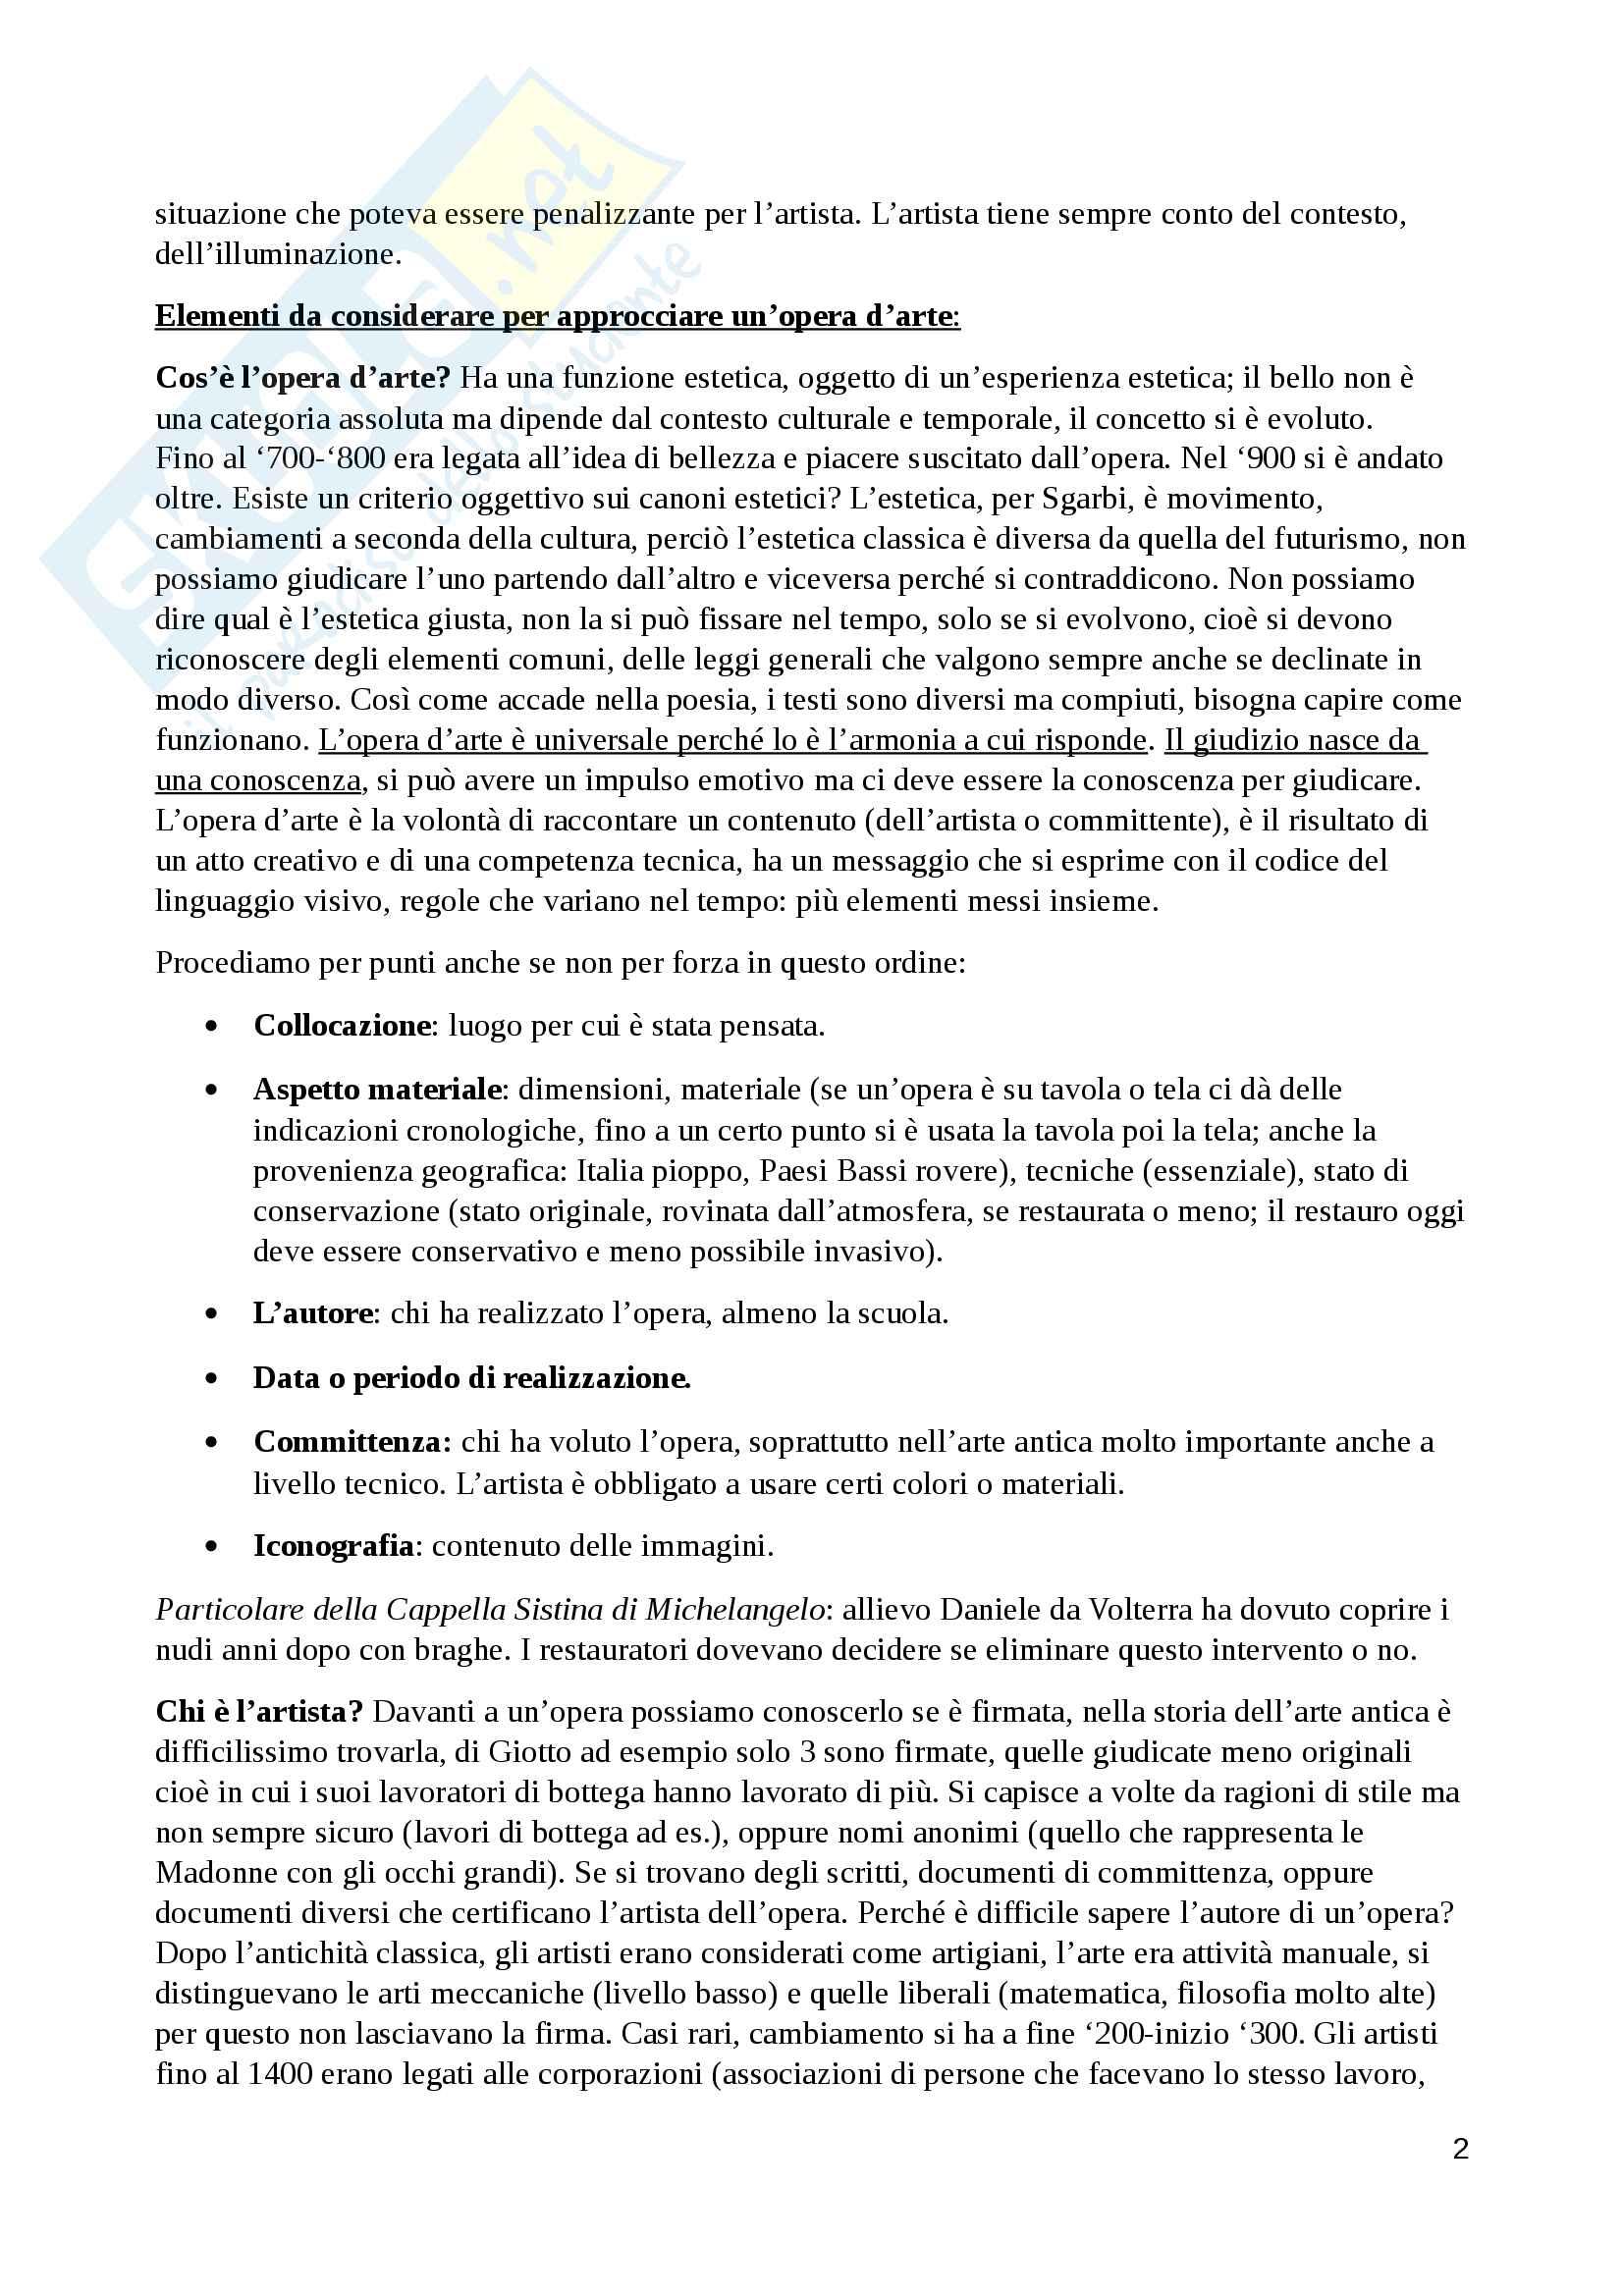 Storia dell'arte (dal paleocristiano al gotico internazionale) - appunti completi Pag. 2